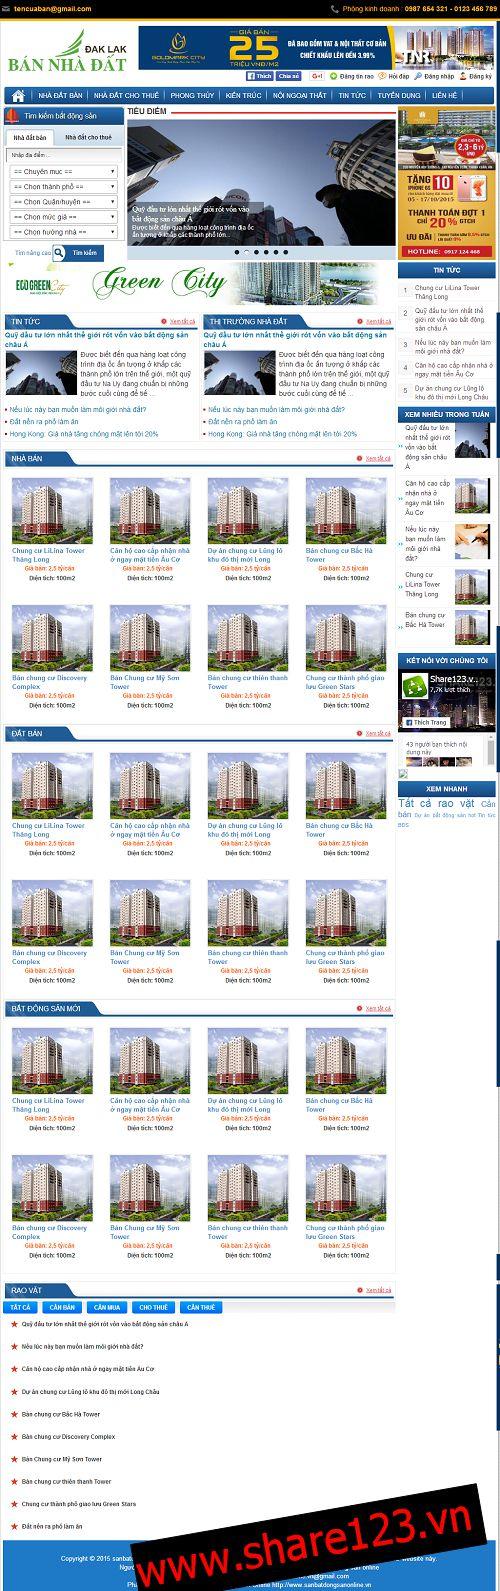 Mẫu blogspot bất động sản nhà đất Dak Lax đẹp 00028